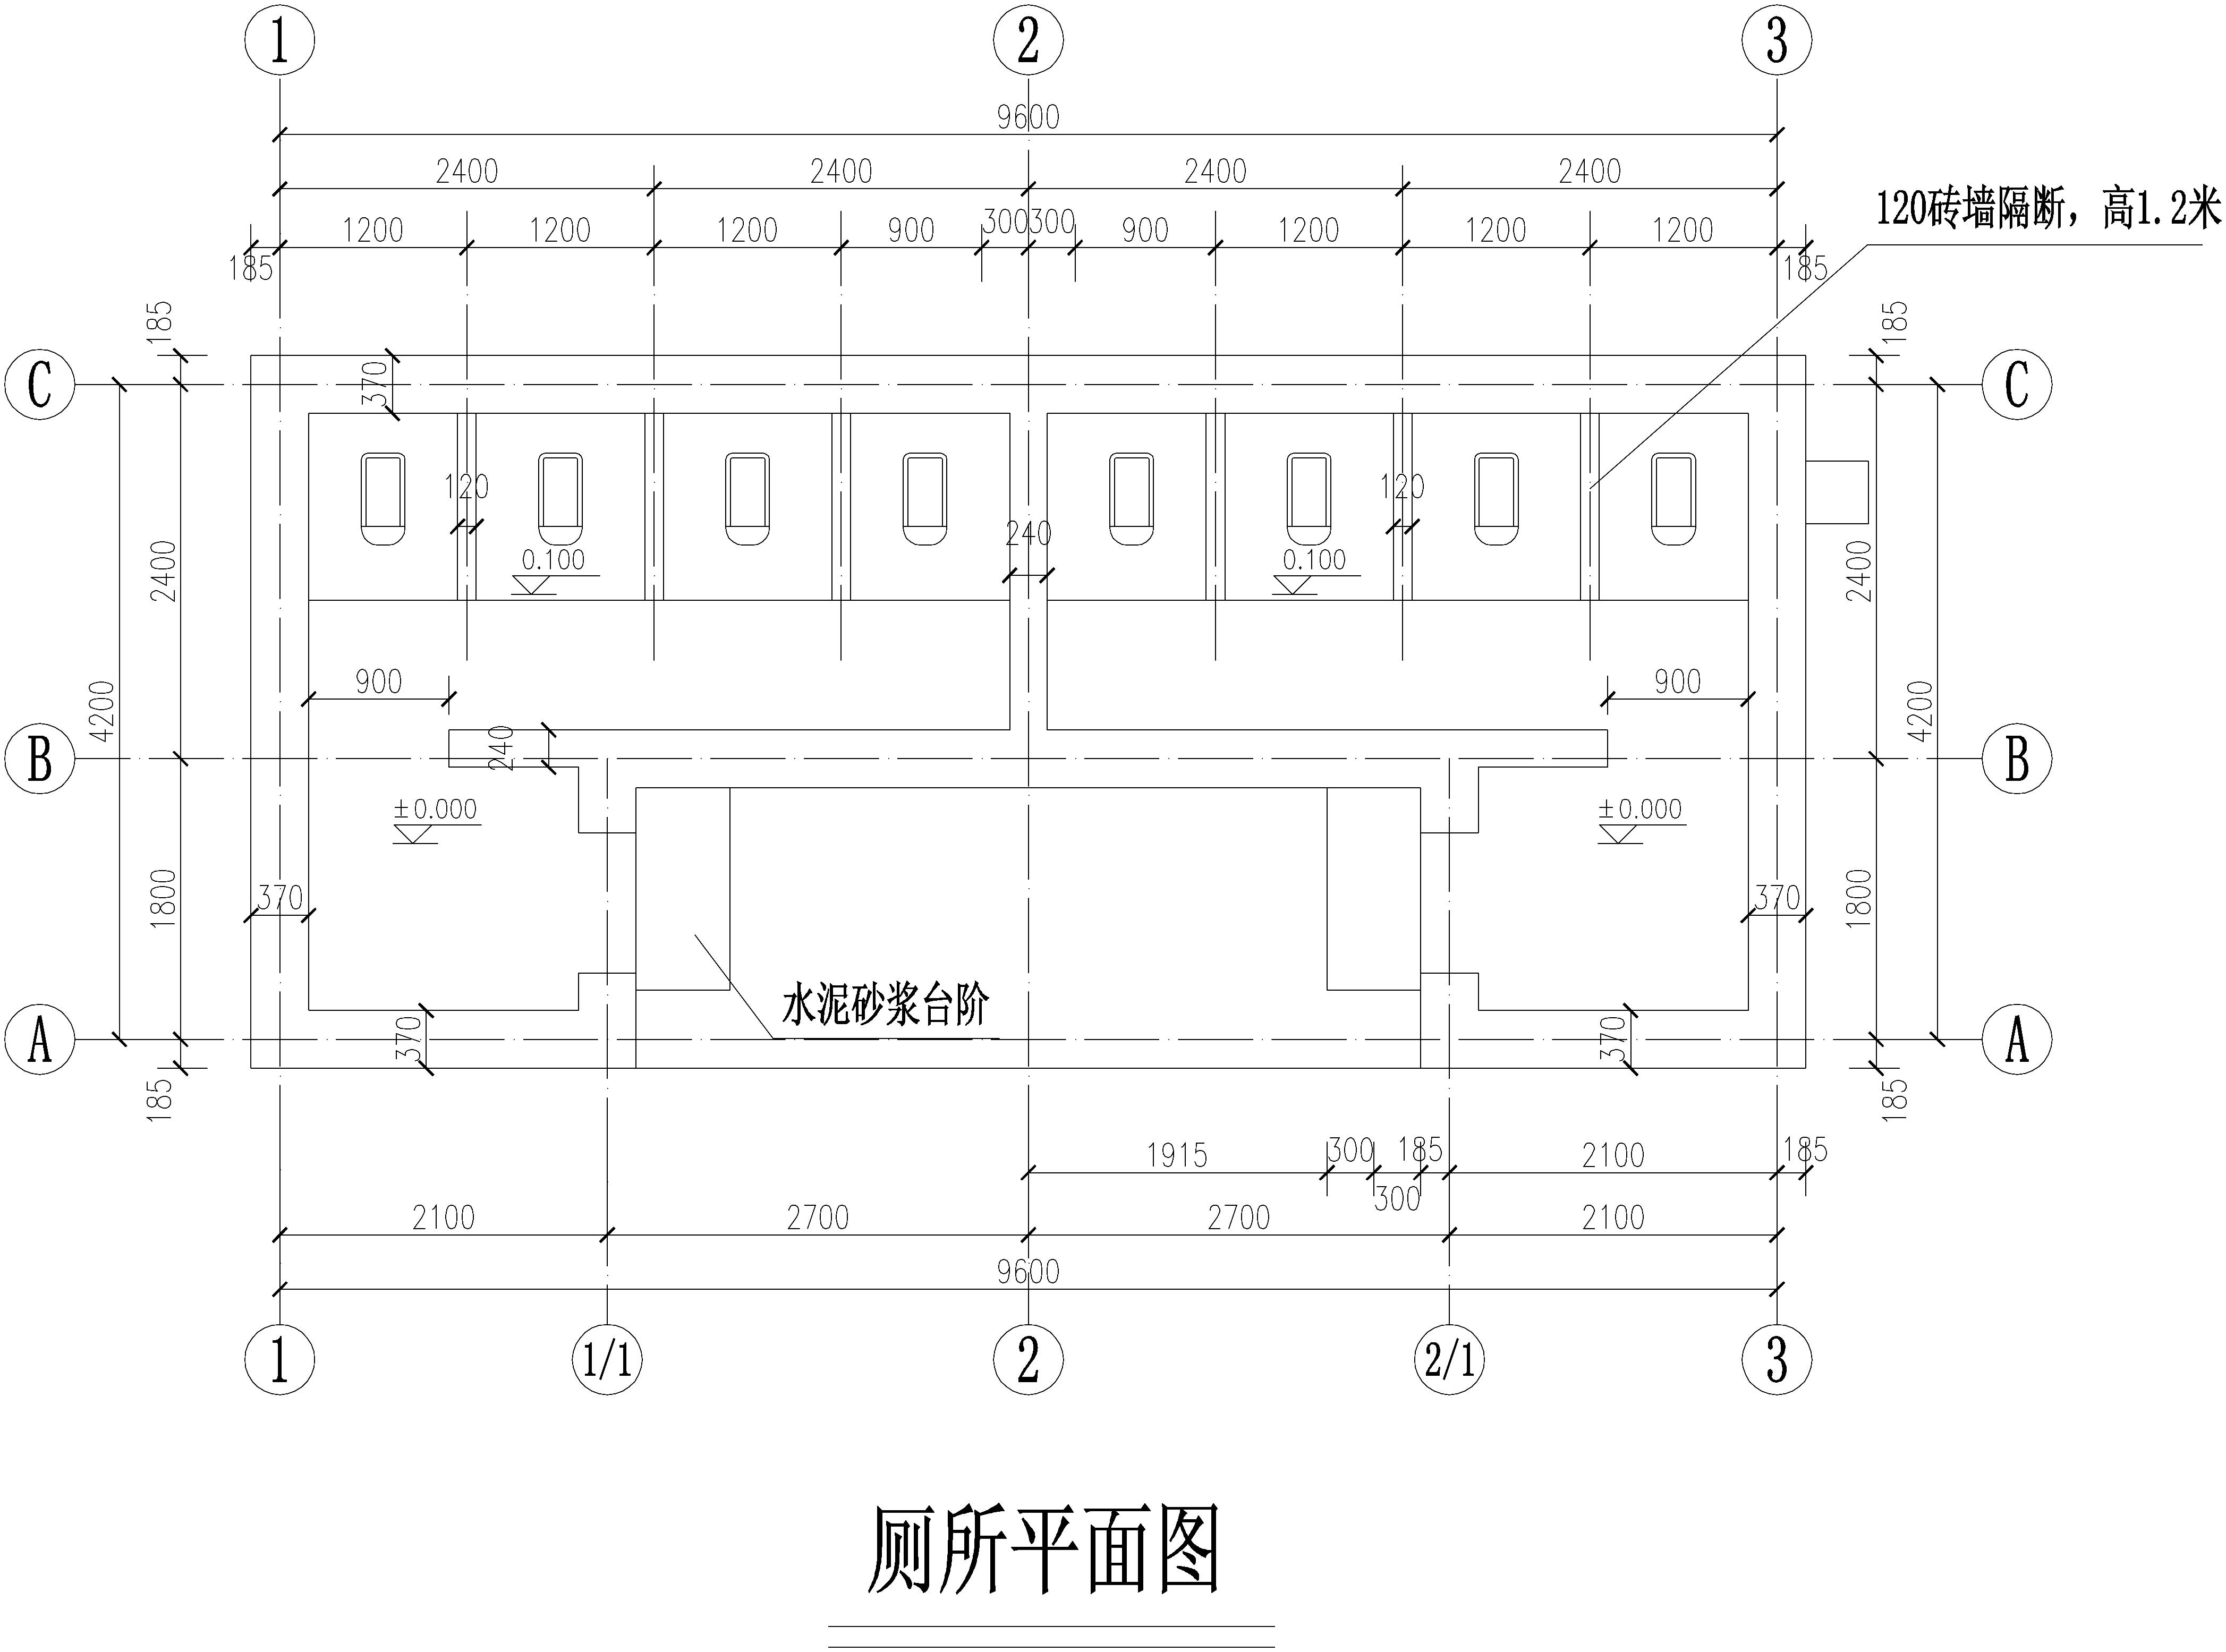 图纸 建筑图纸  商业建筑  会所设计  全套厕所施工图纸    全套厕所